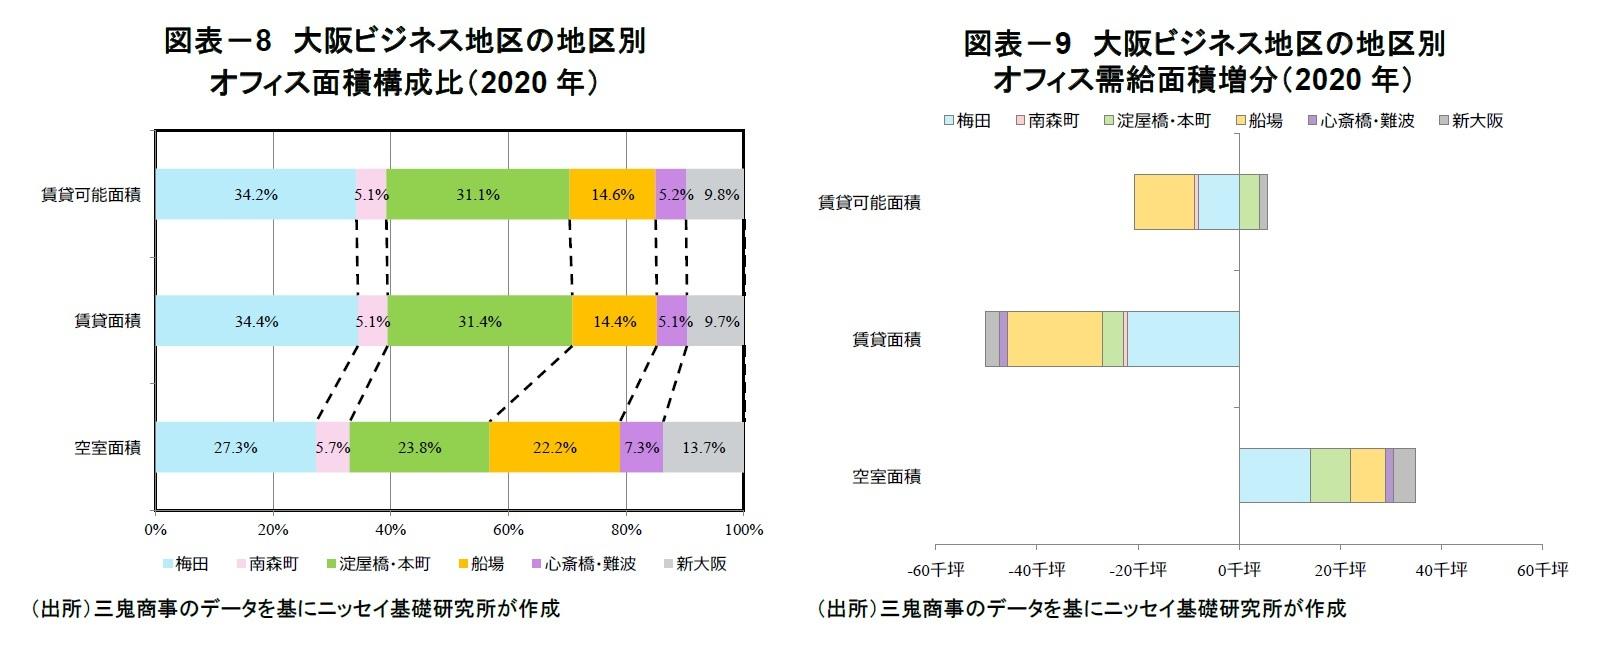 図表-8 大阪ビジネス地区の地区別オフィス面積構成比(2020年)/図表-9 大阪ビジネス地区の地区別オフィス需給面積増分(2020年)